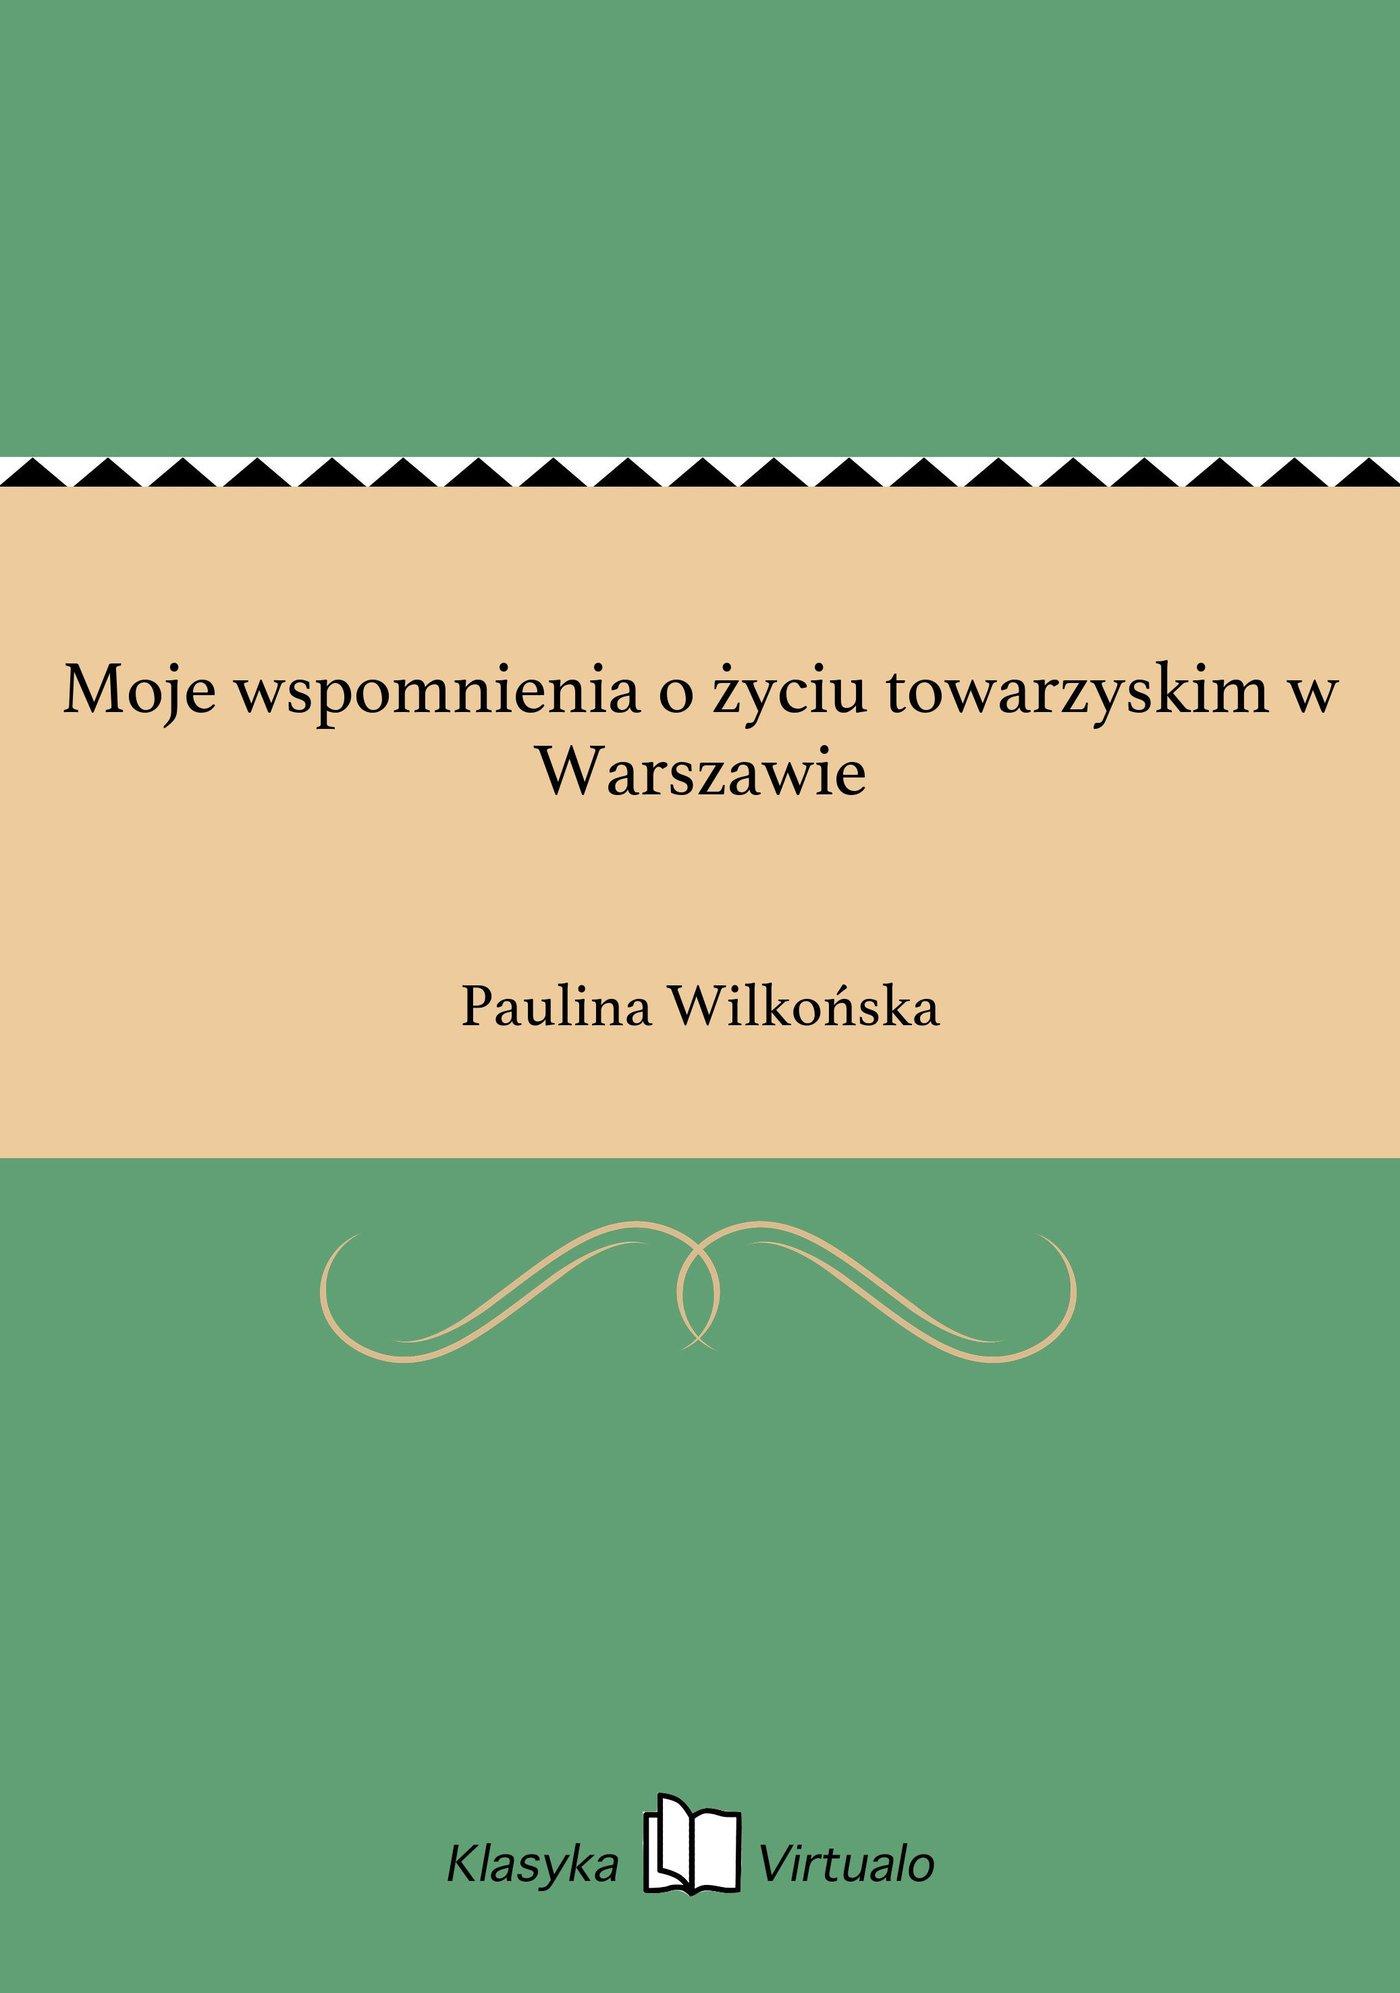 Moje wspomnienia o życiu towarzyskim w Warszawie - Ebook (Książka EPUB) do pobrania w formacie EPUB